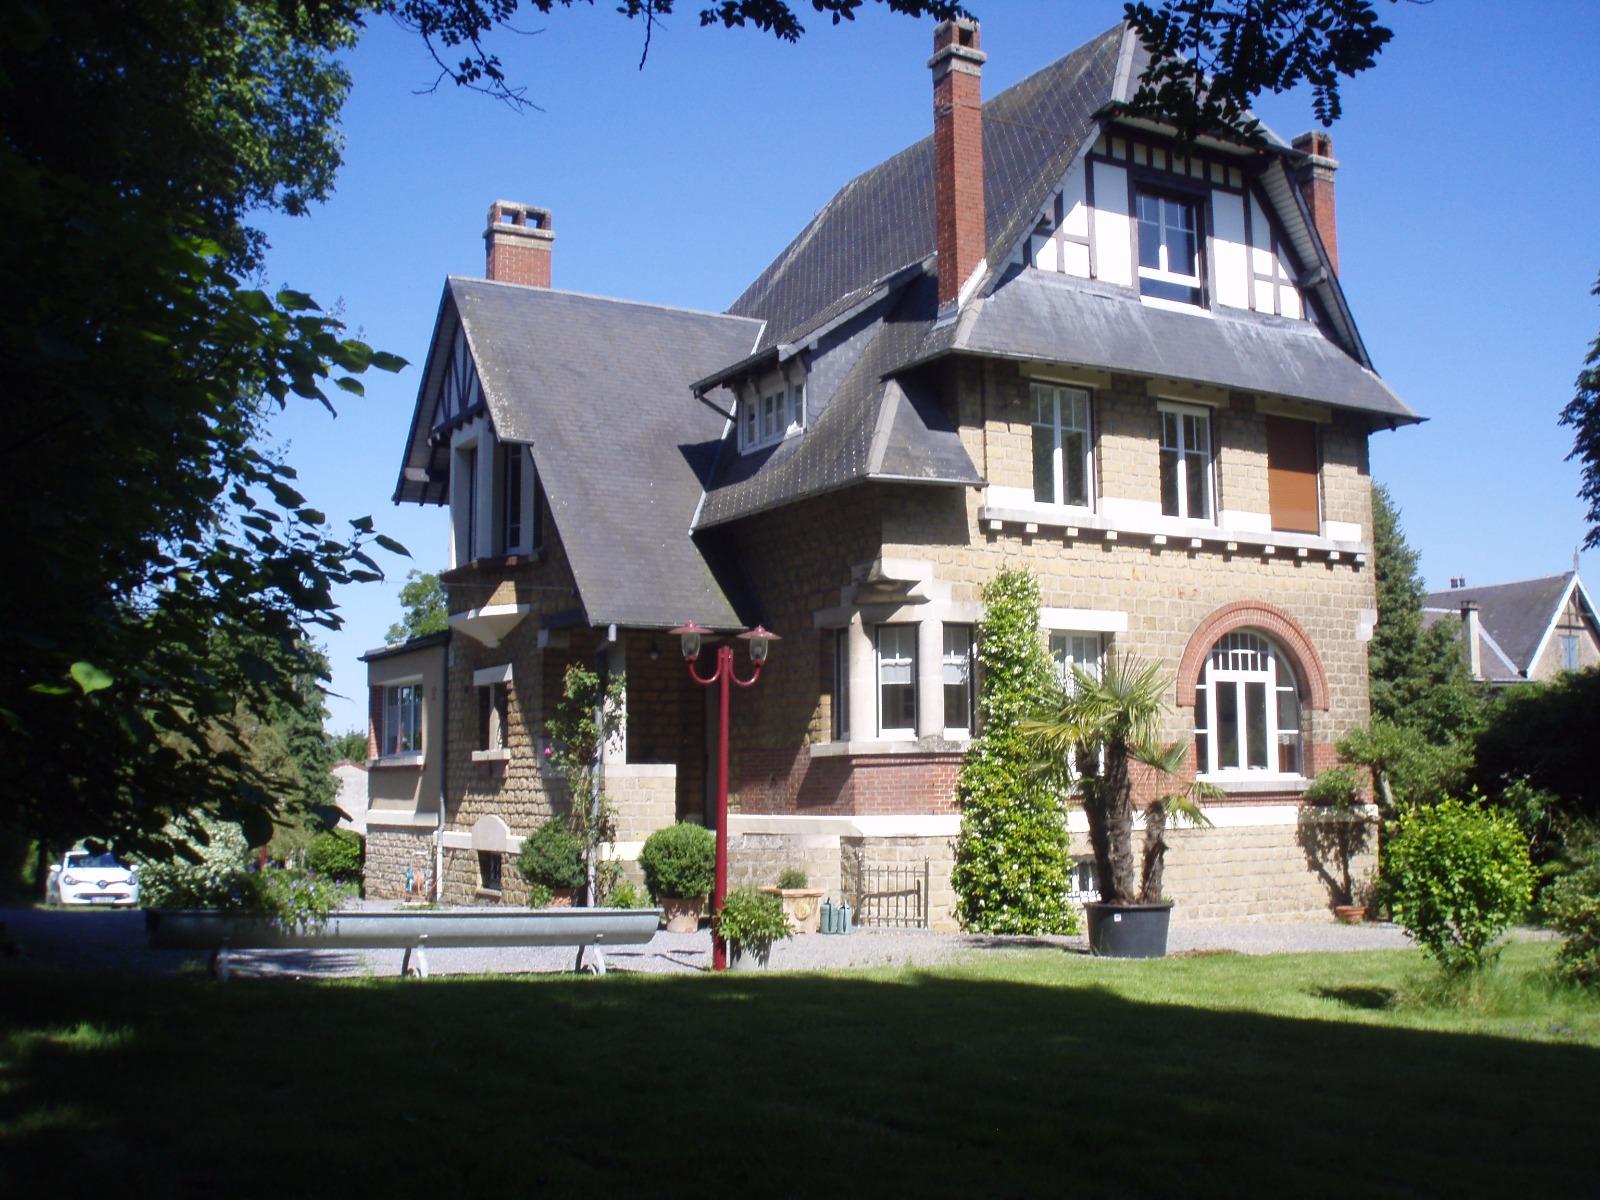 Vente Maison Mitoyenne Vrigne Aux Bois 08330 210m Avec